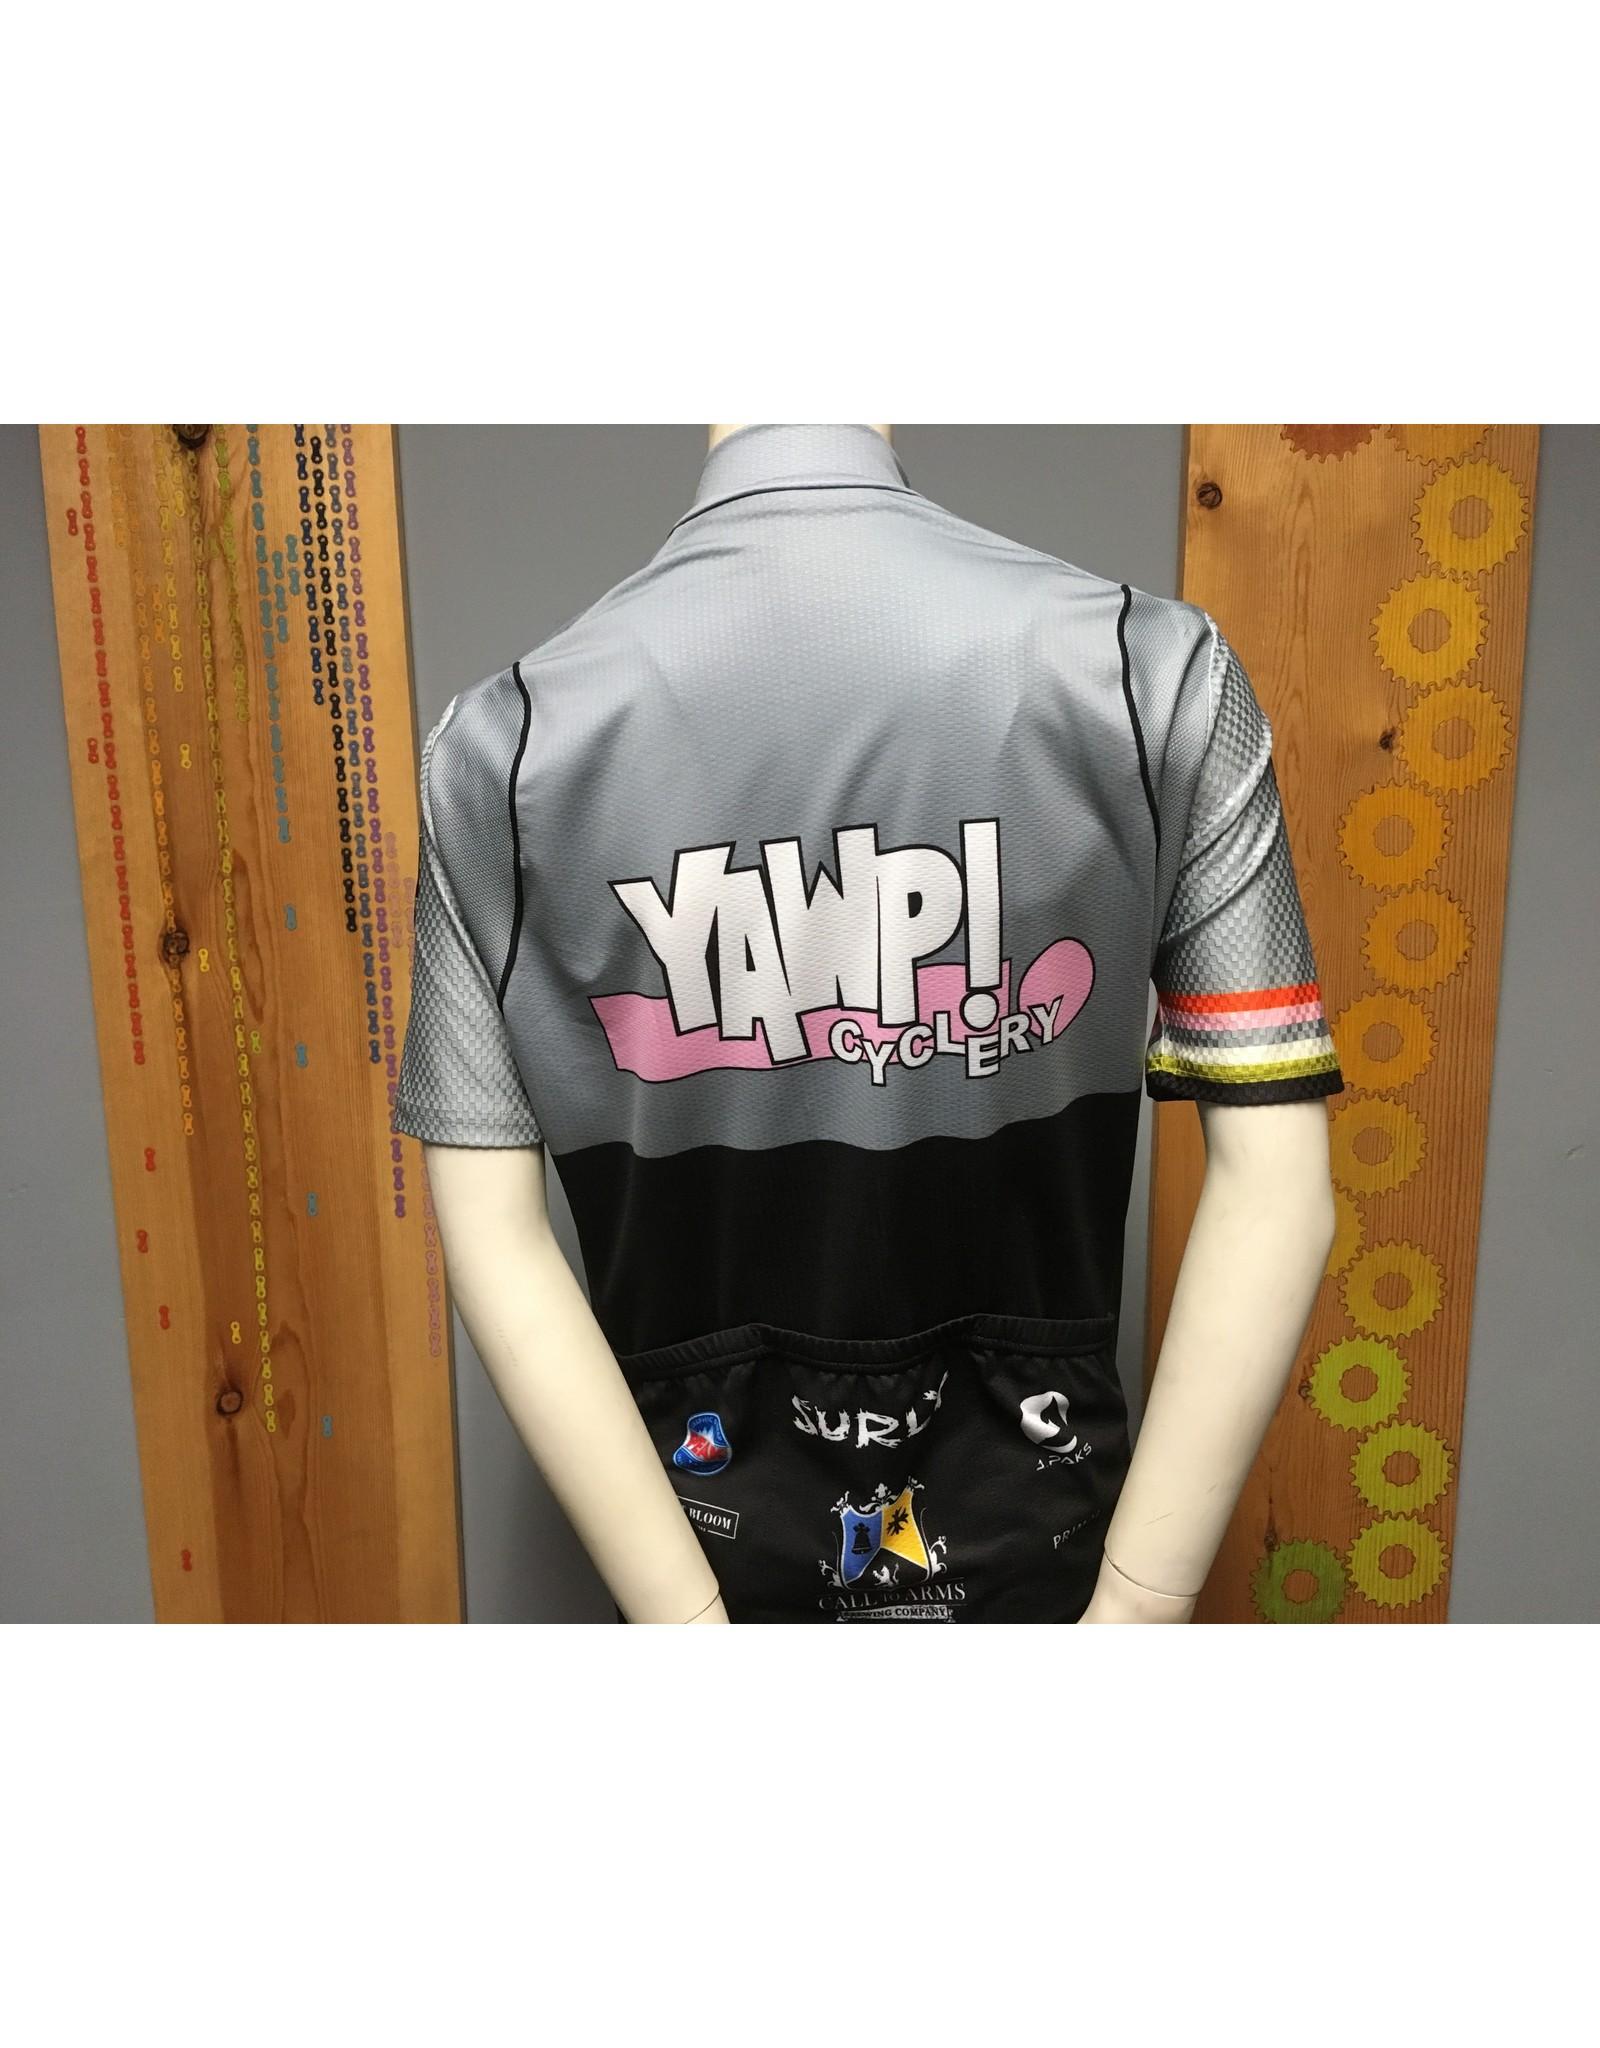 Yawp! Women's Kit by Primal Large